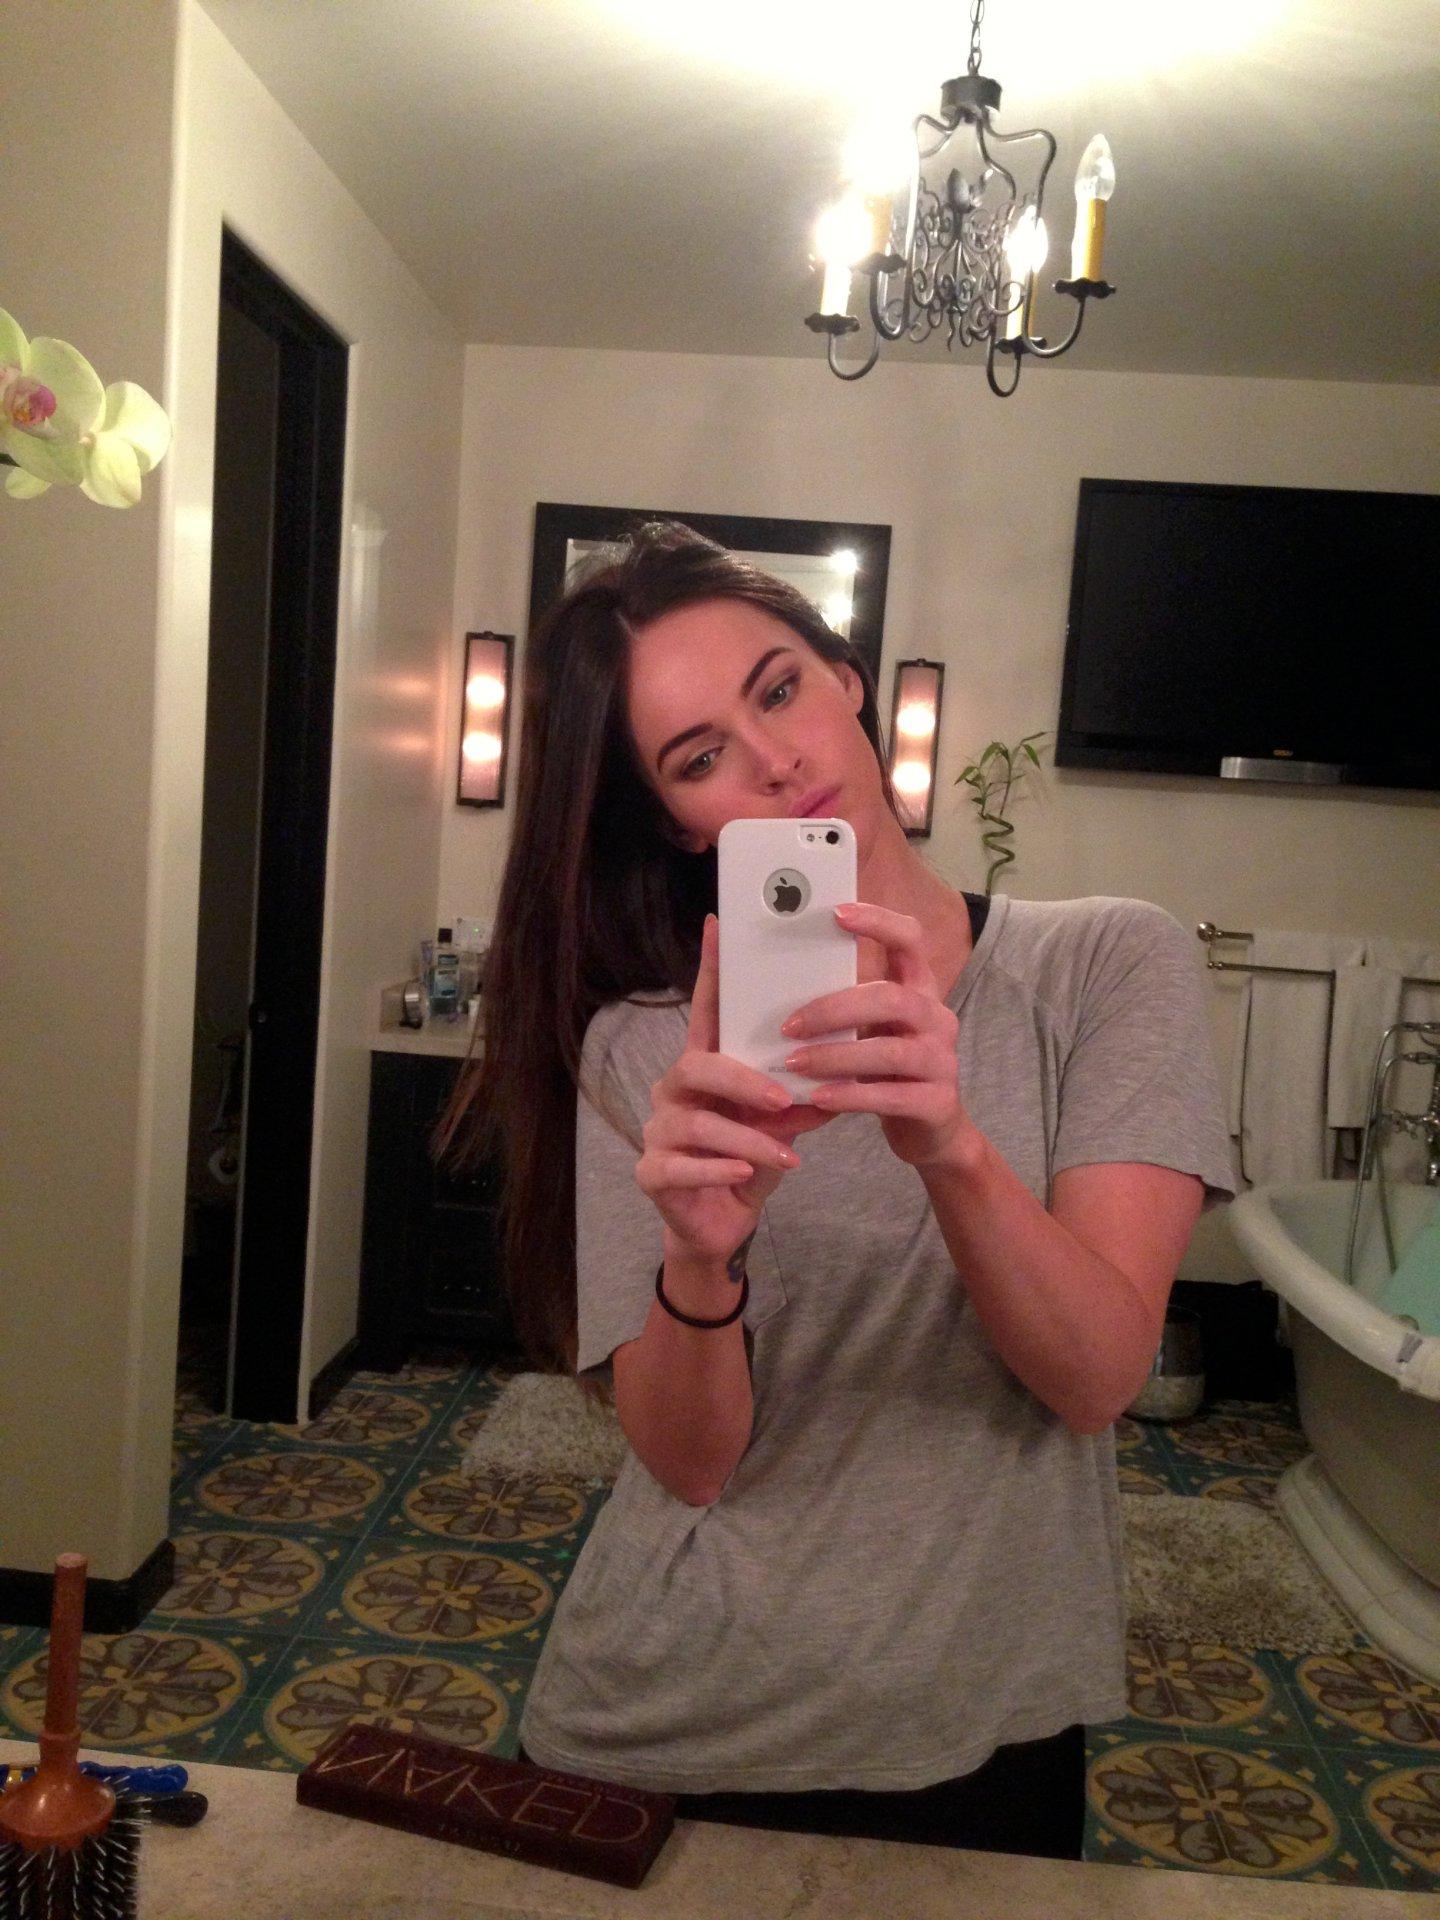 Megan Fox Underwear Leaks